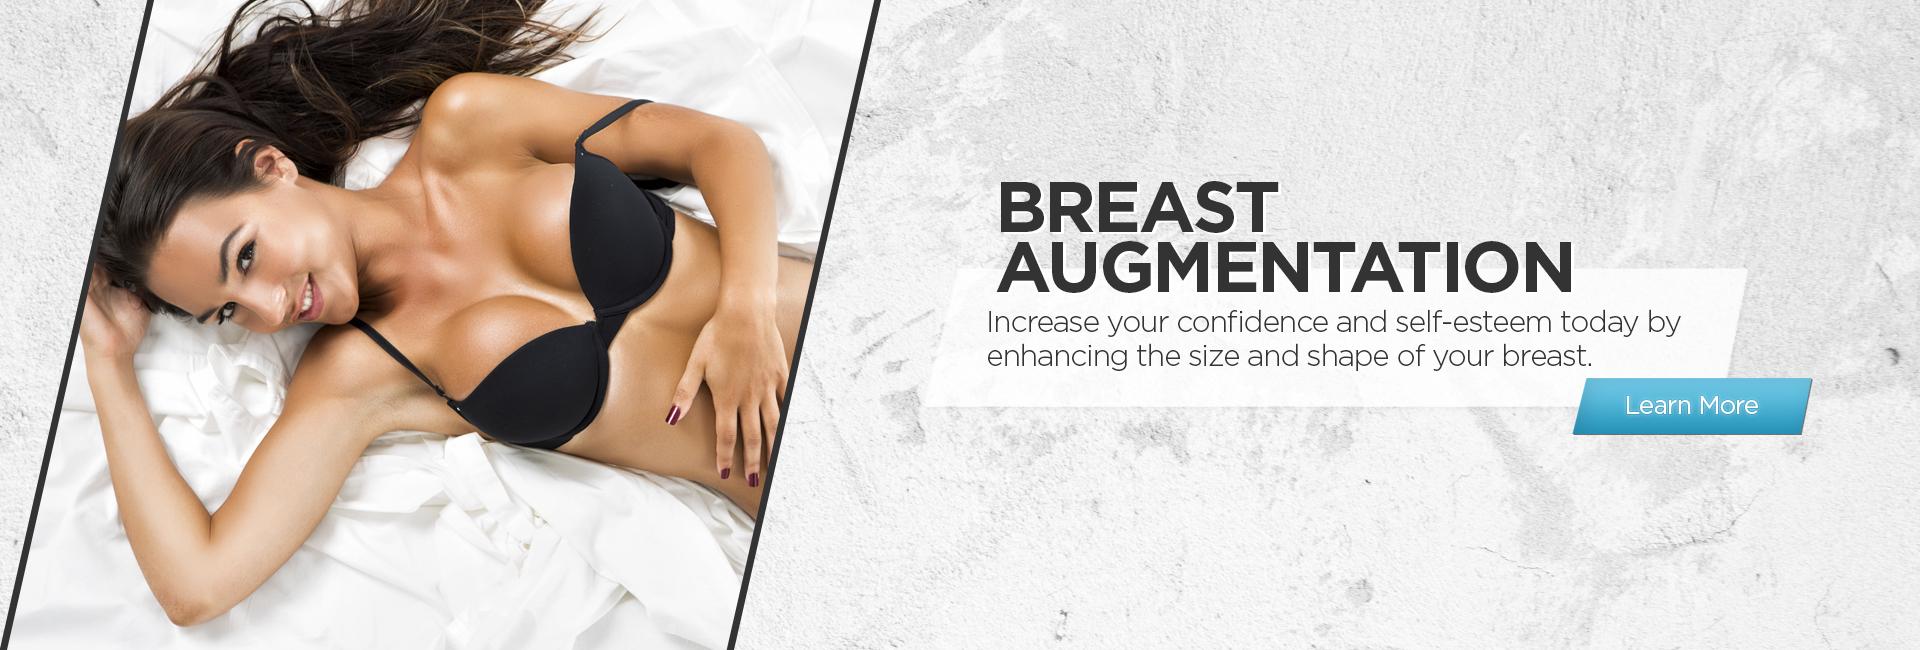 Breast augmentation kansas city mo